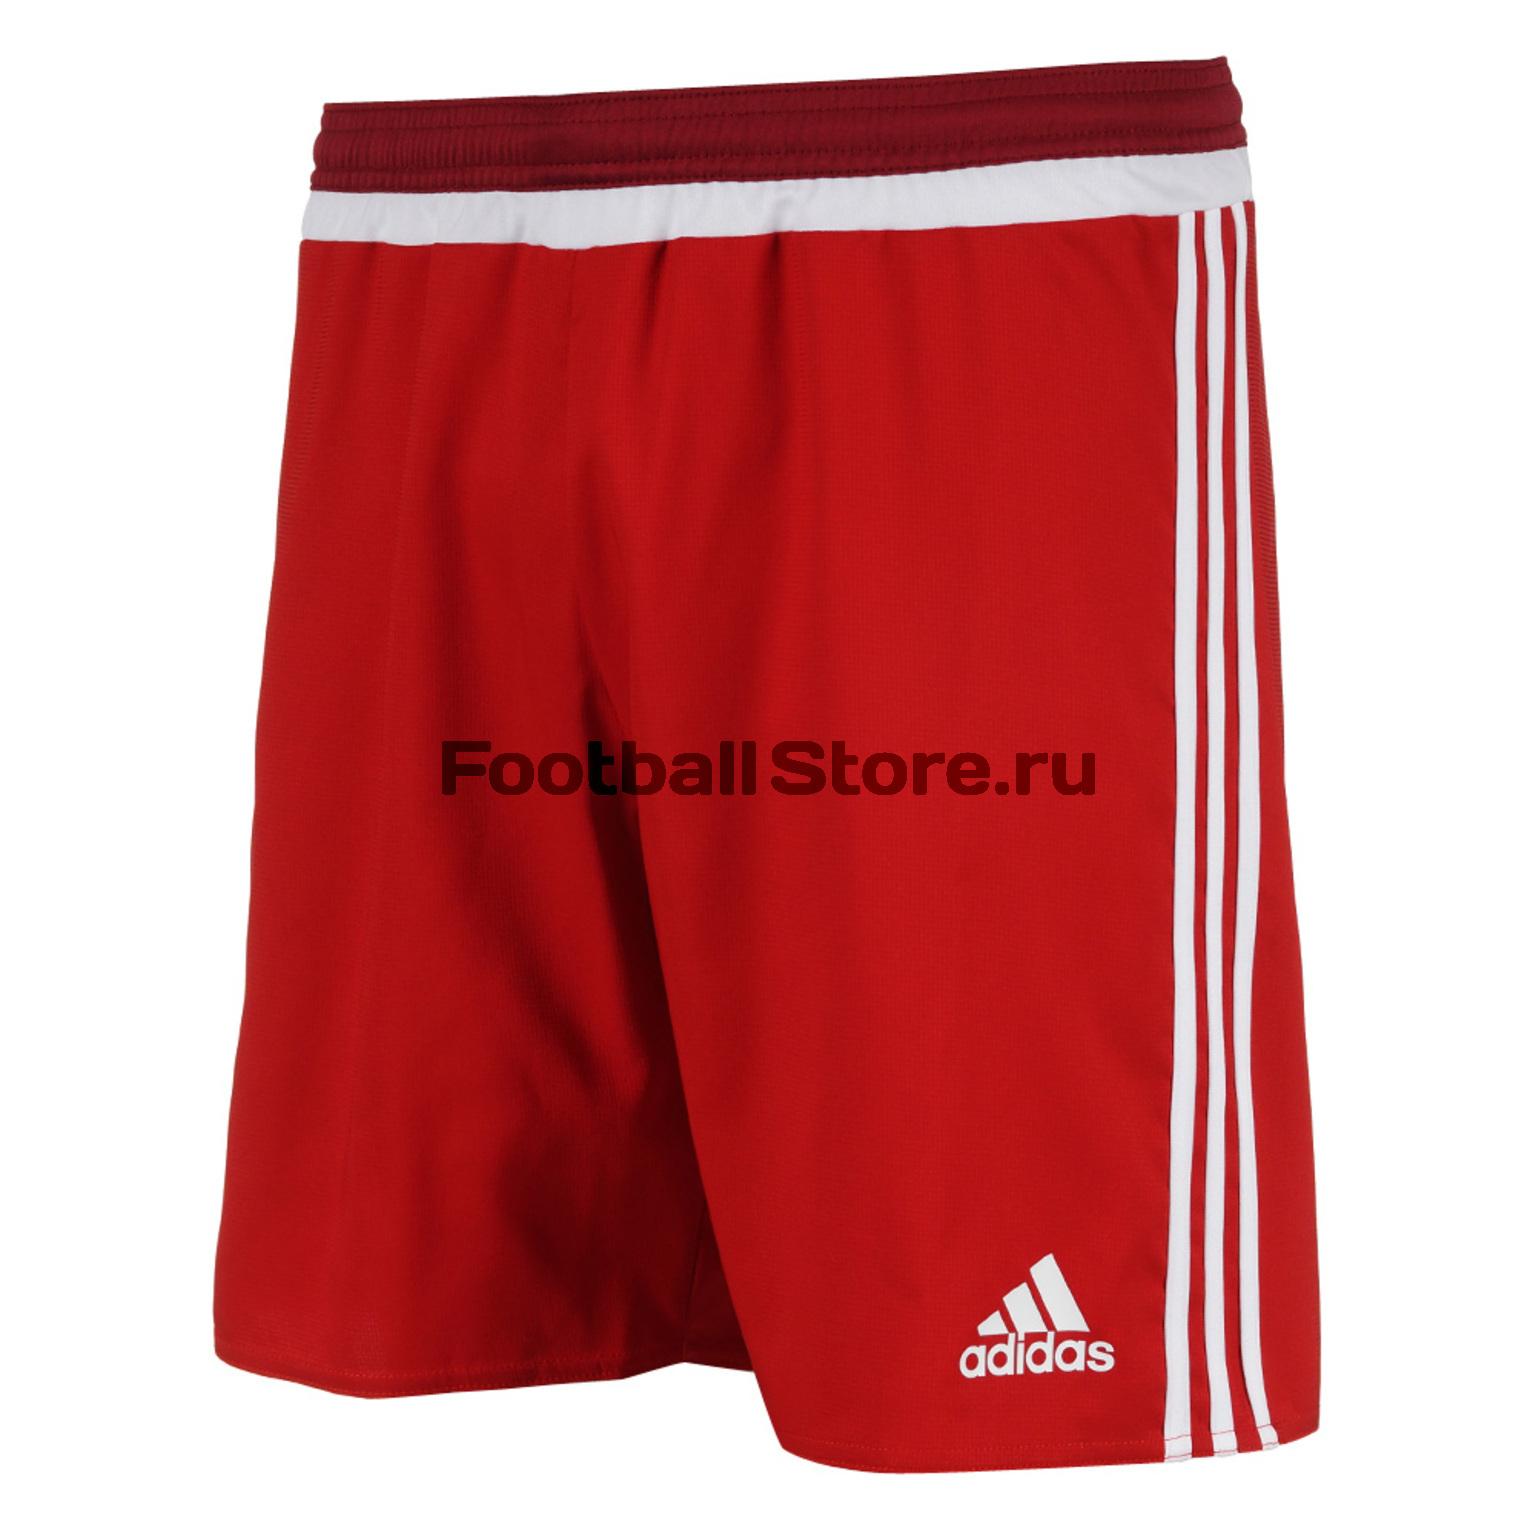 Шорты тренировочные Adidas Camp 15 S17036